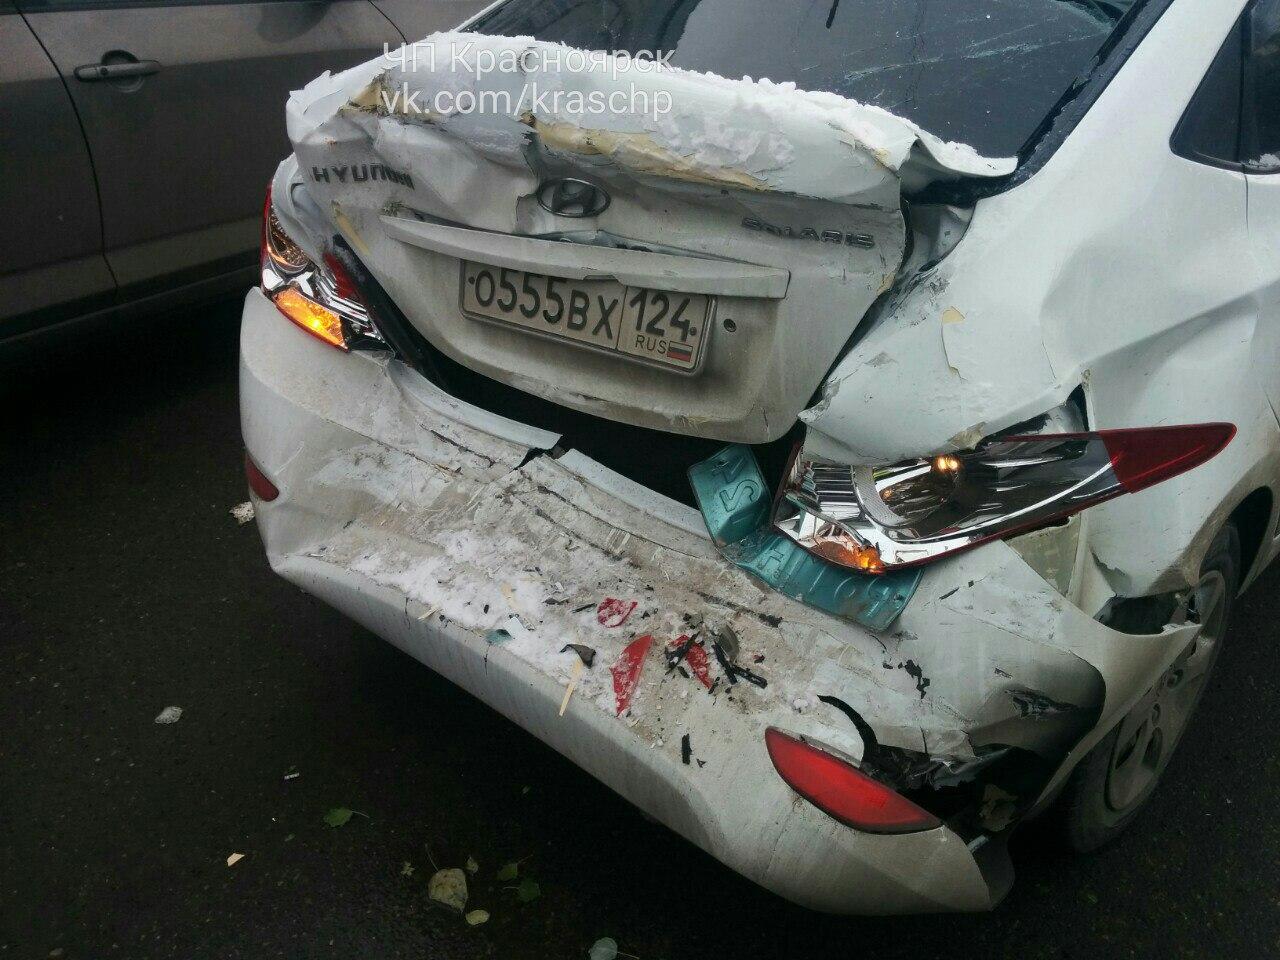 ВКрасноярске неподелили перекресток грузовой автомобиль идве иномарки